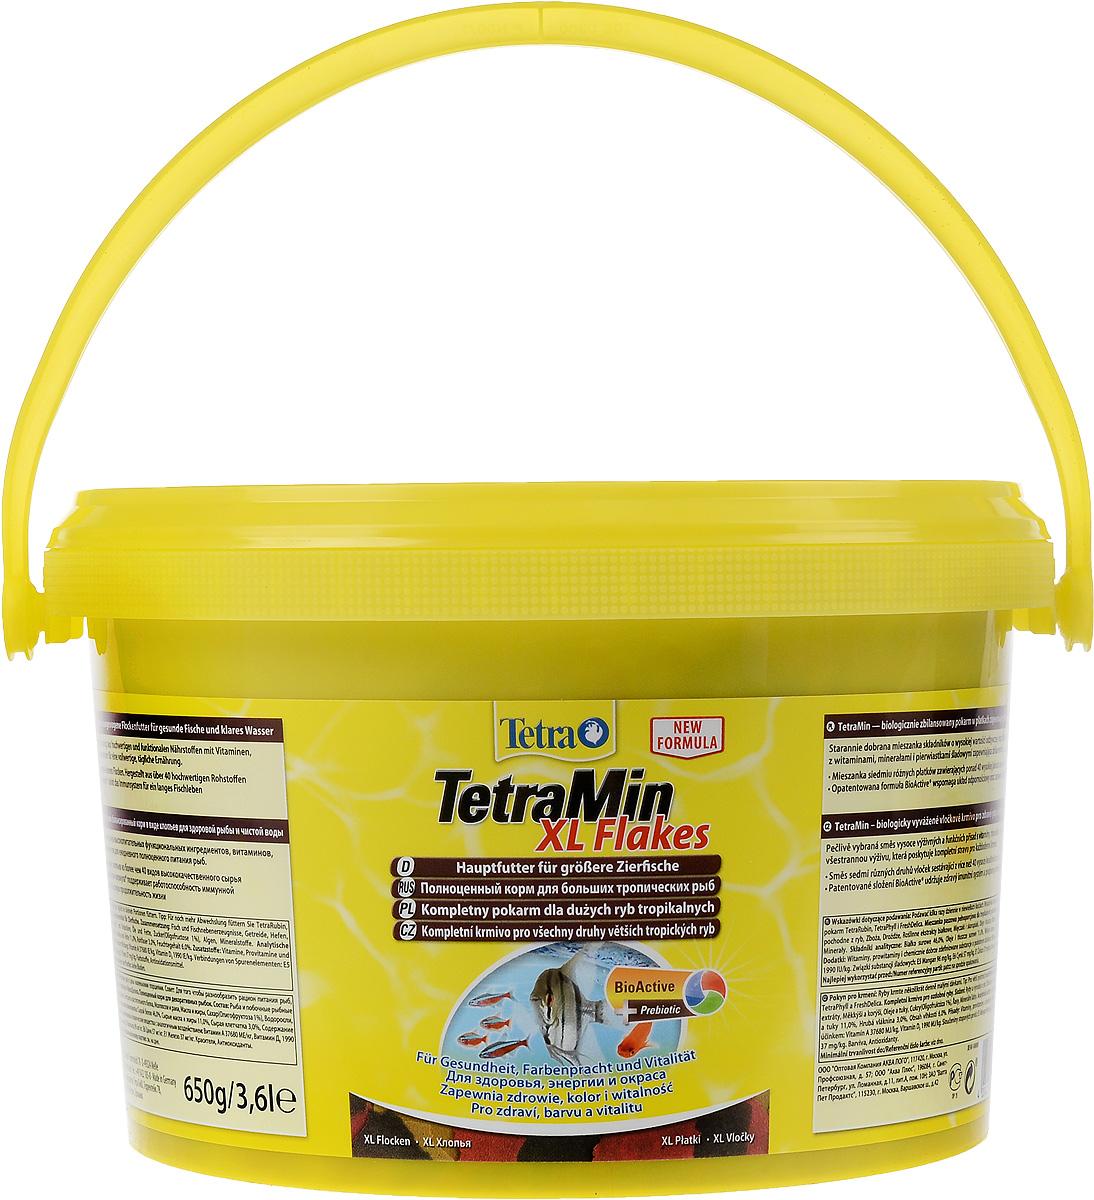 Корм Tetra TetraMin. XL Flakes для больших тропических рыб, крупные хлопья, 3,6 л (650 г) корм tetra malawi flakes complete food for east african cichlids хлопья с водорослями для восточно африканских цихлид 1л